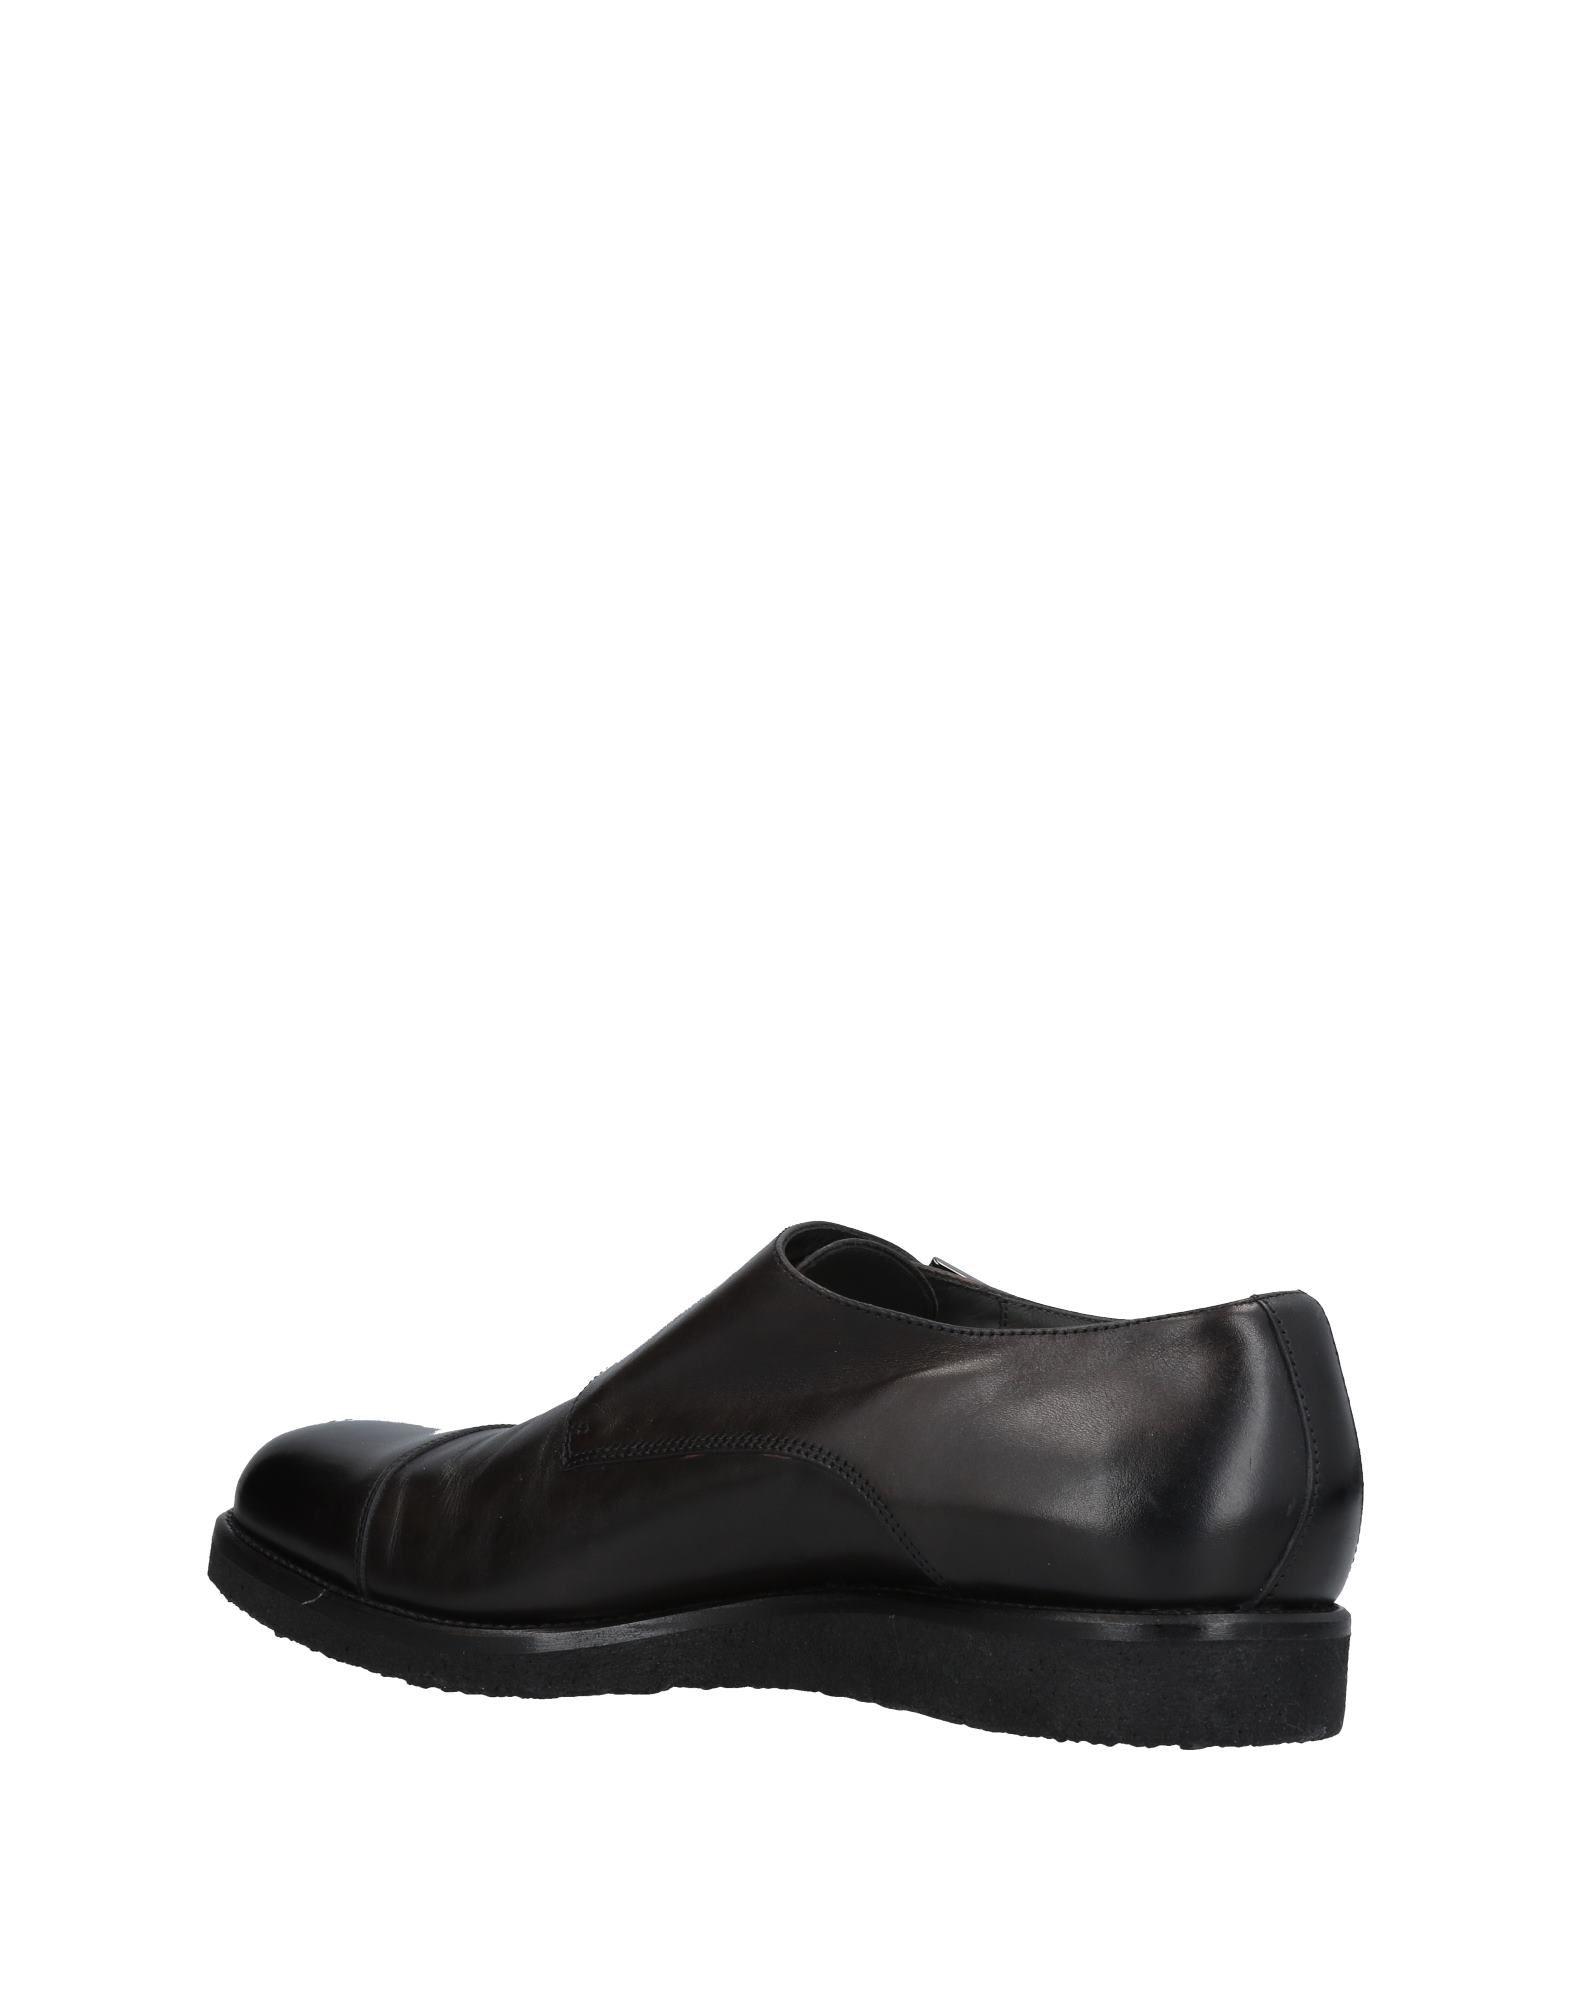 Boss Black Mokassins Qualität Herren  11455174BH Gute Qualität Mokassins beliebte Schuhe 285801